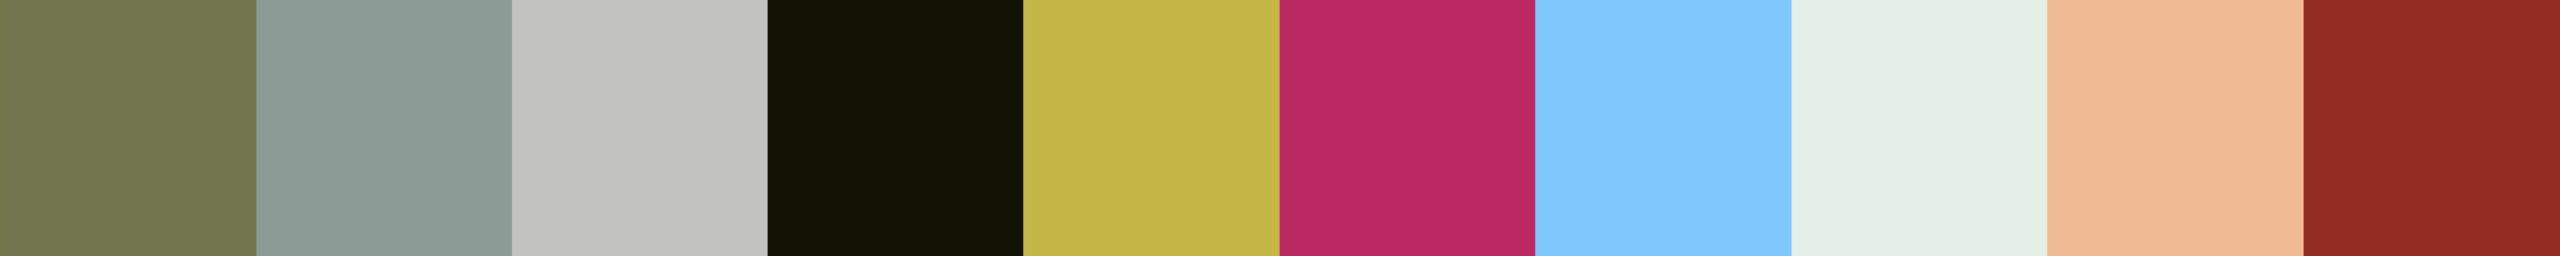 480 Fanolpia Color Palette